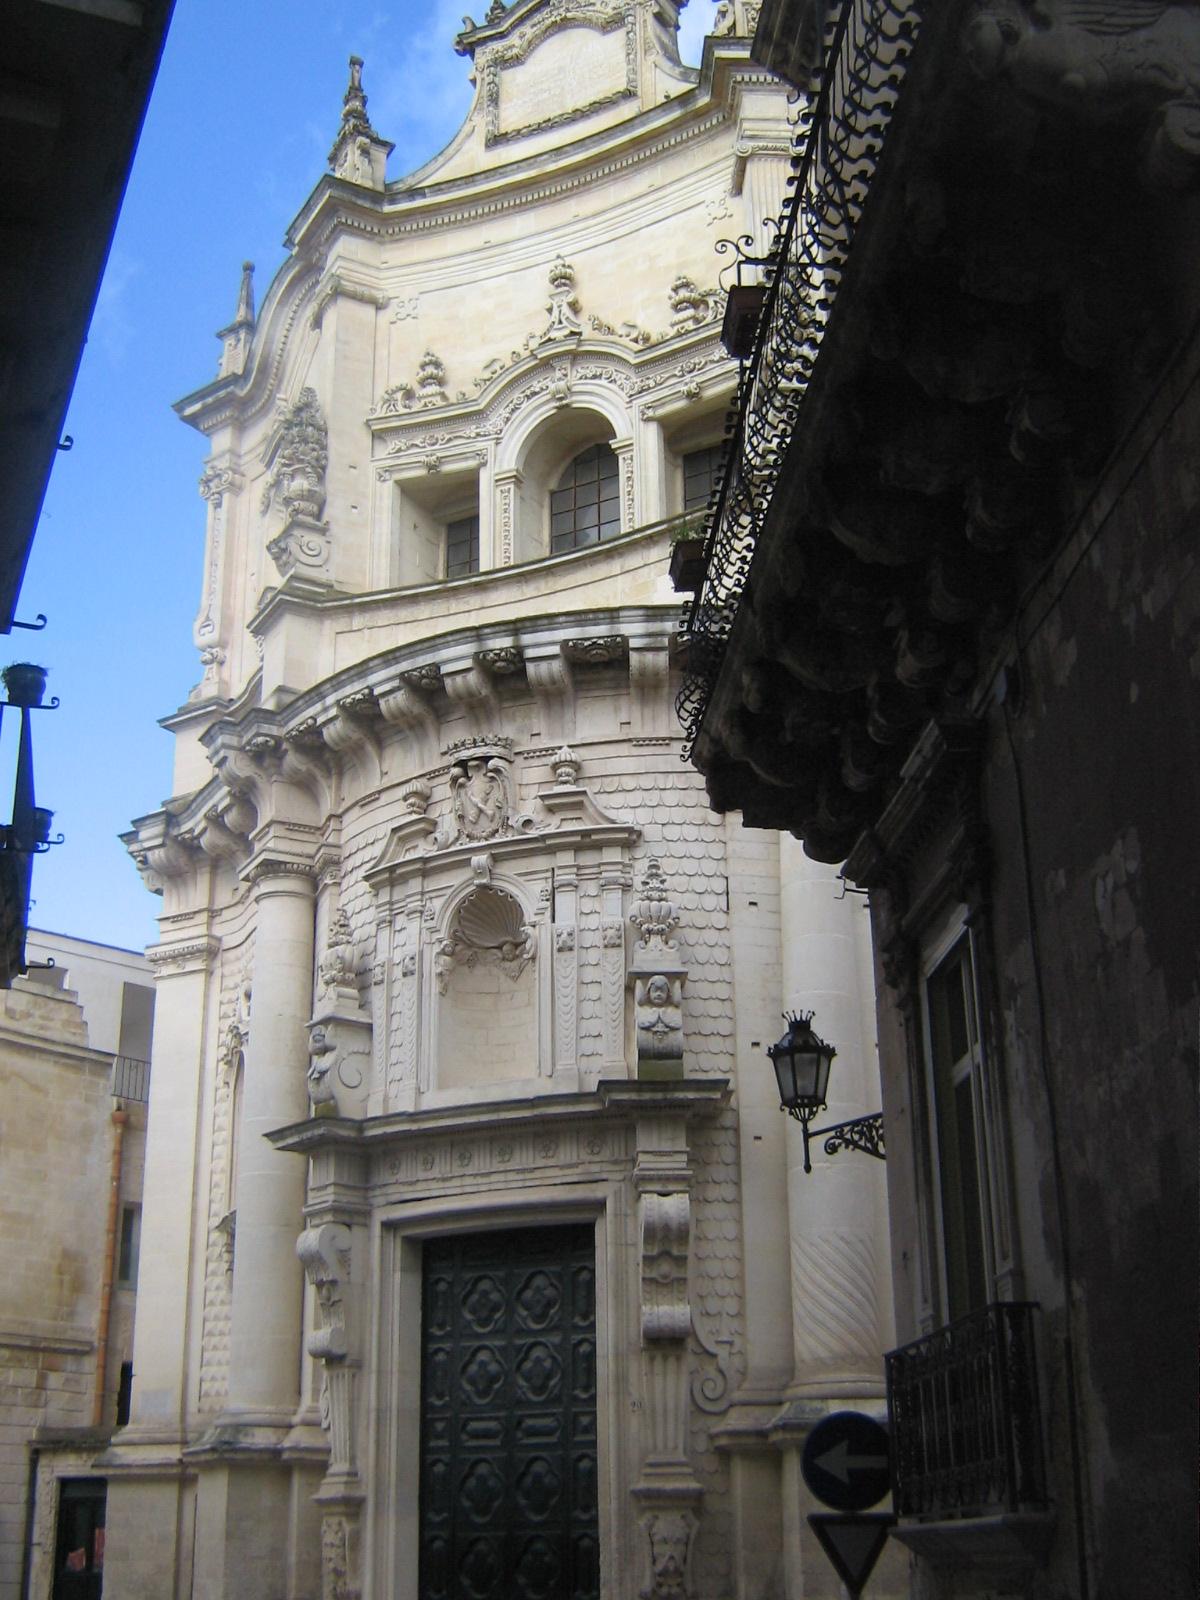 San Matteo (Lecce) - Wikidata